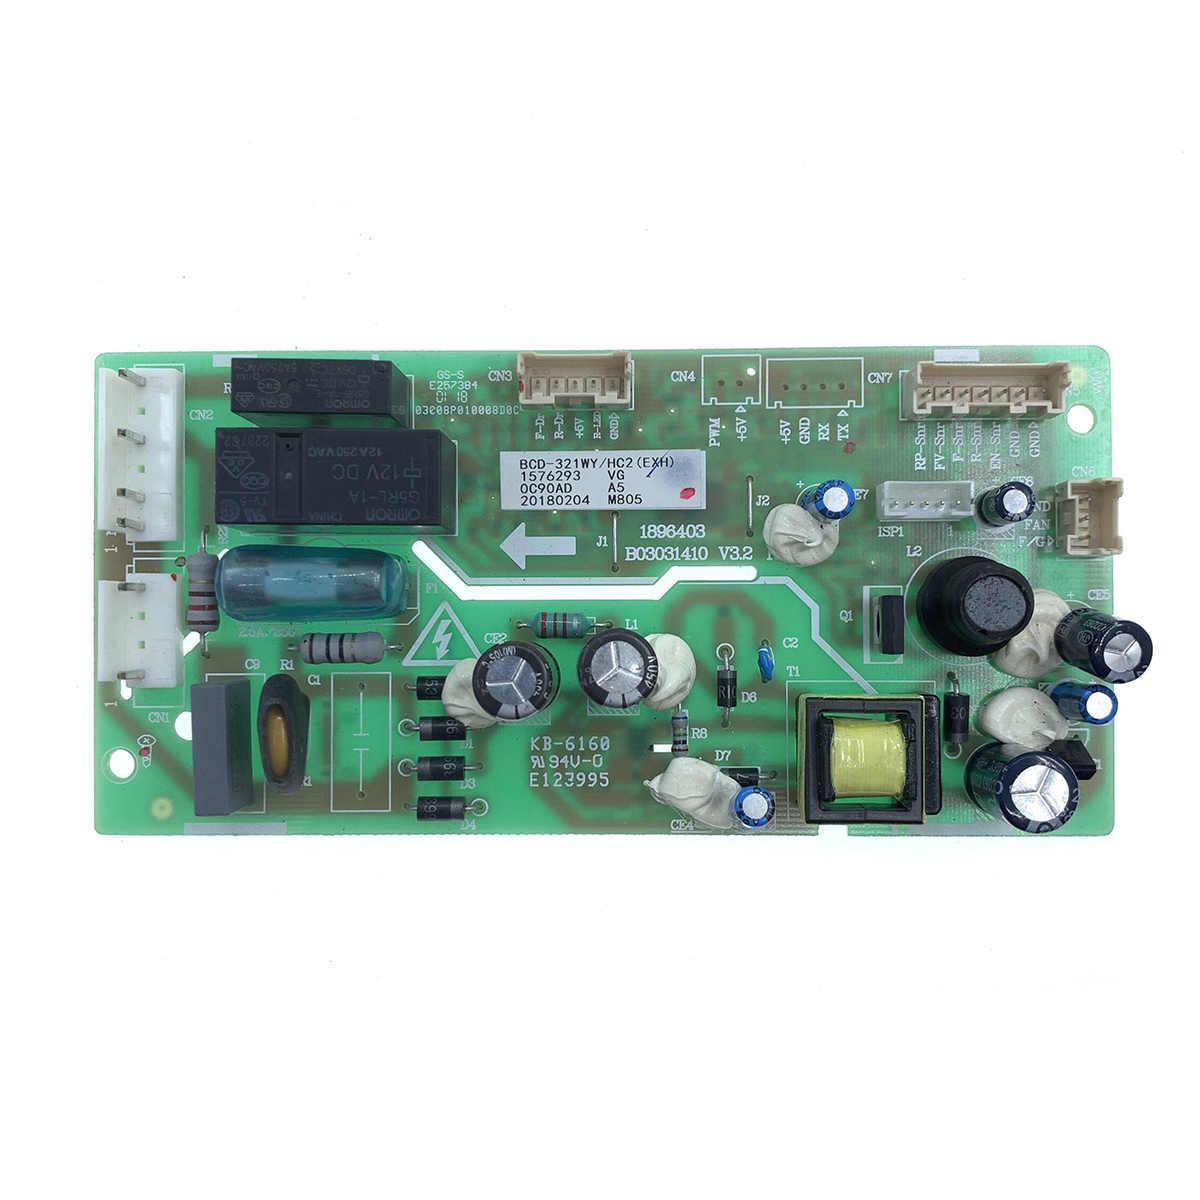 Nombre:  K1576293-BCD-321WY-HC2-EXH-Hisense-tablero-de-Control-de-potencia-PCB-principal-para-refrigerado.jpg Visitas: 512 Tamaño: 102.5 KB